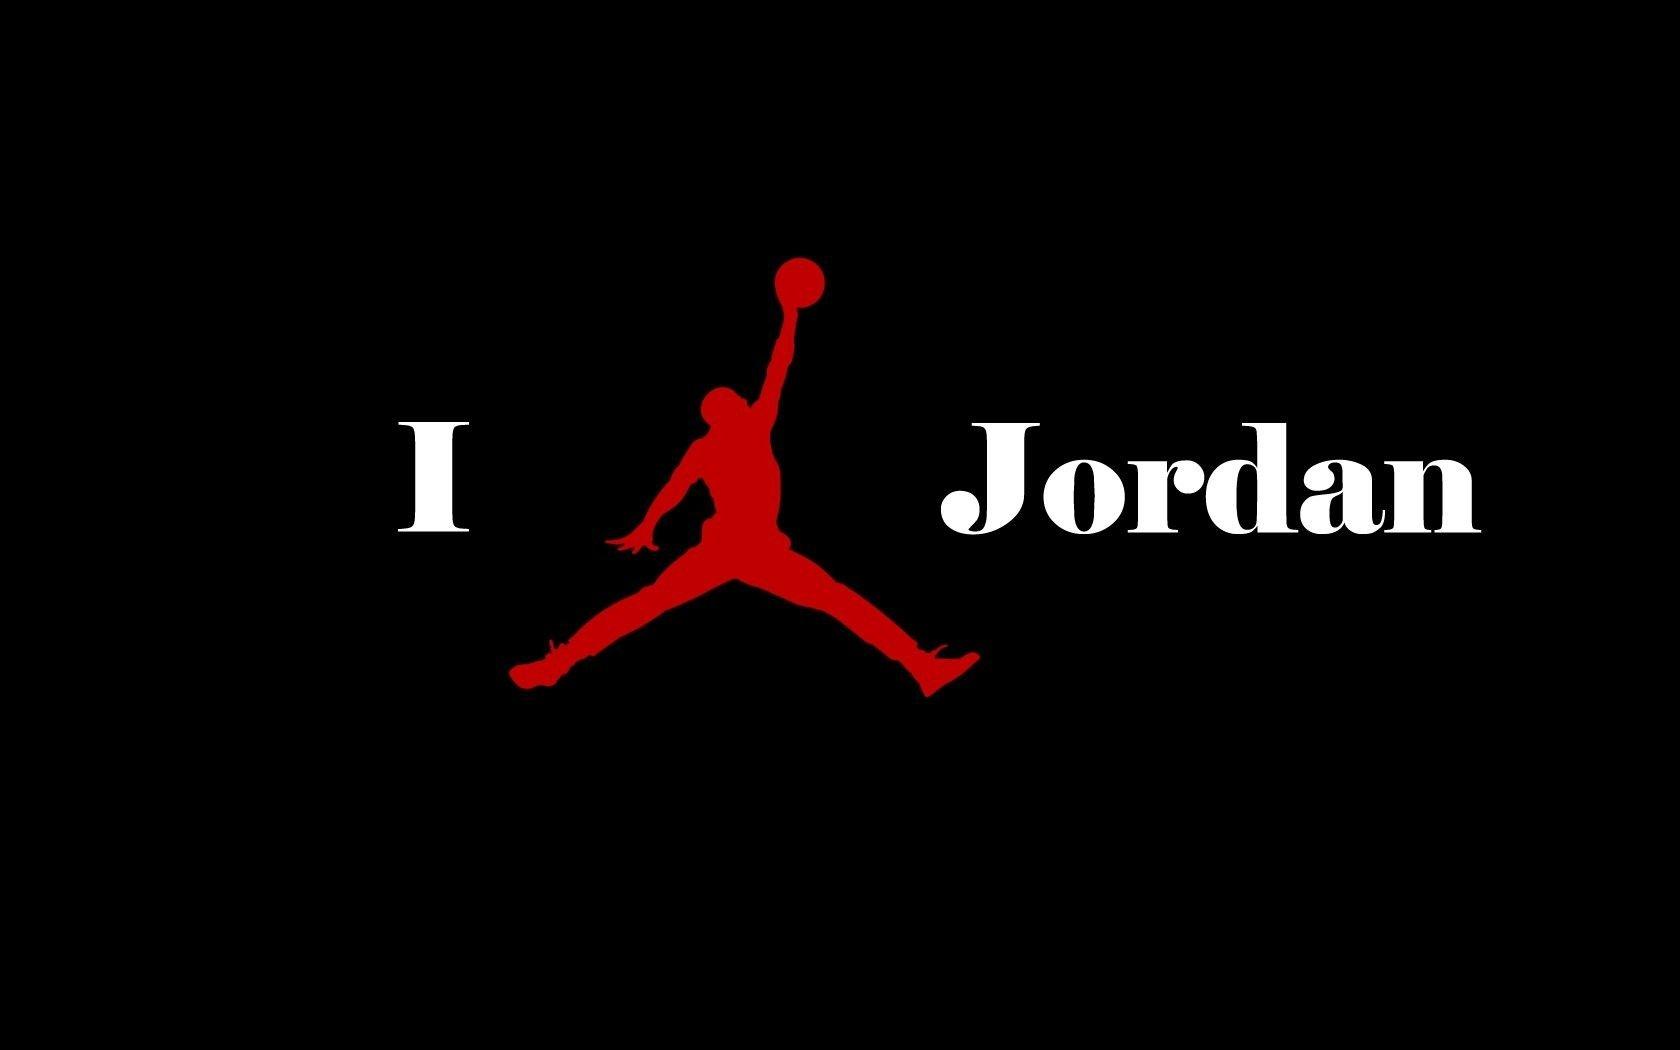 Fat Jordan Logos